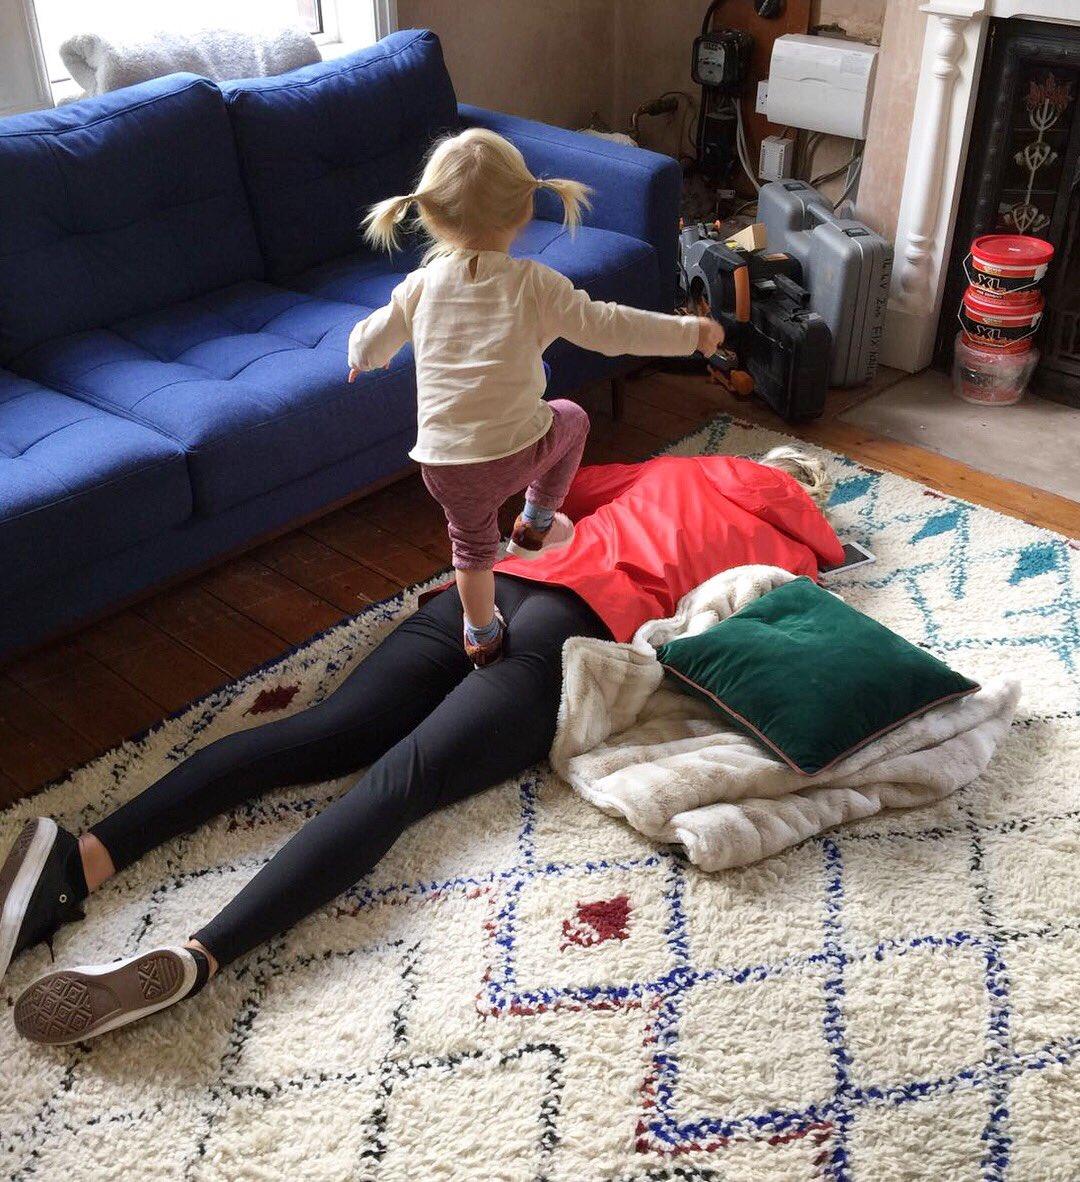 Happy weekend 🙈🤦🏼♀️ #kids #weekend #littlenap #ouch #parentproblems https://t.co/0j6bJG3Fbl